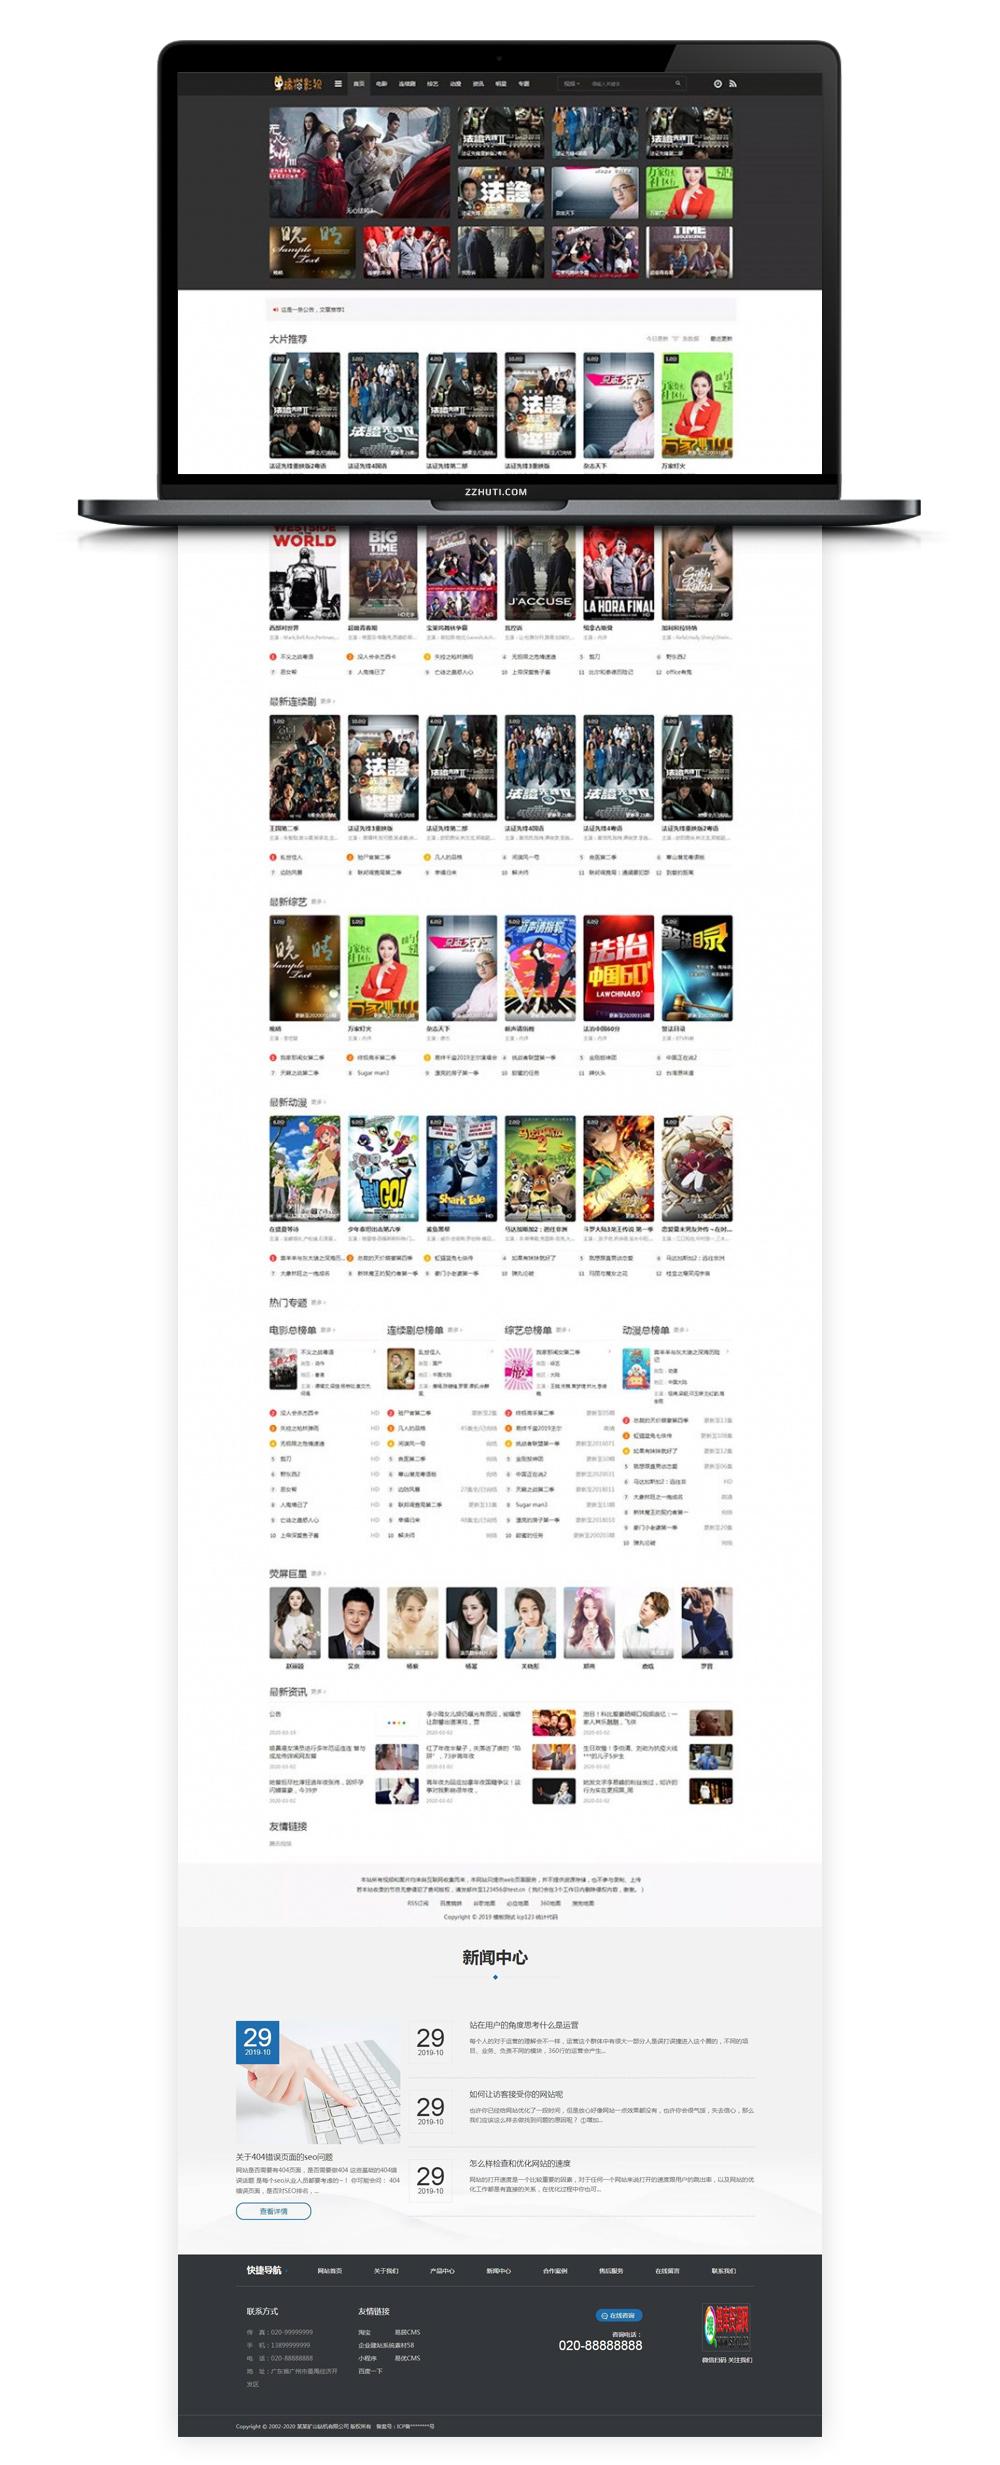 【苹果CMS模板】小屏精致影视视频灰色风格主题模板 带后台无加密版网站源码下载